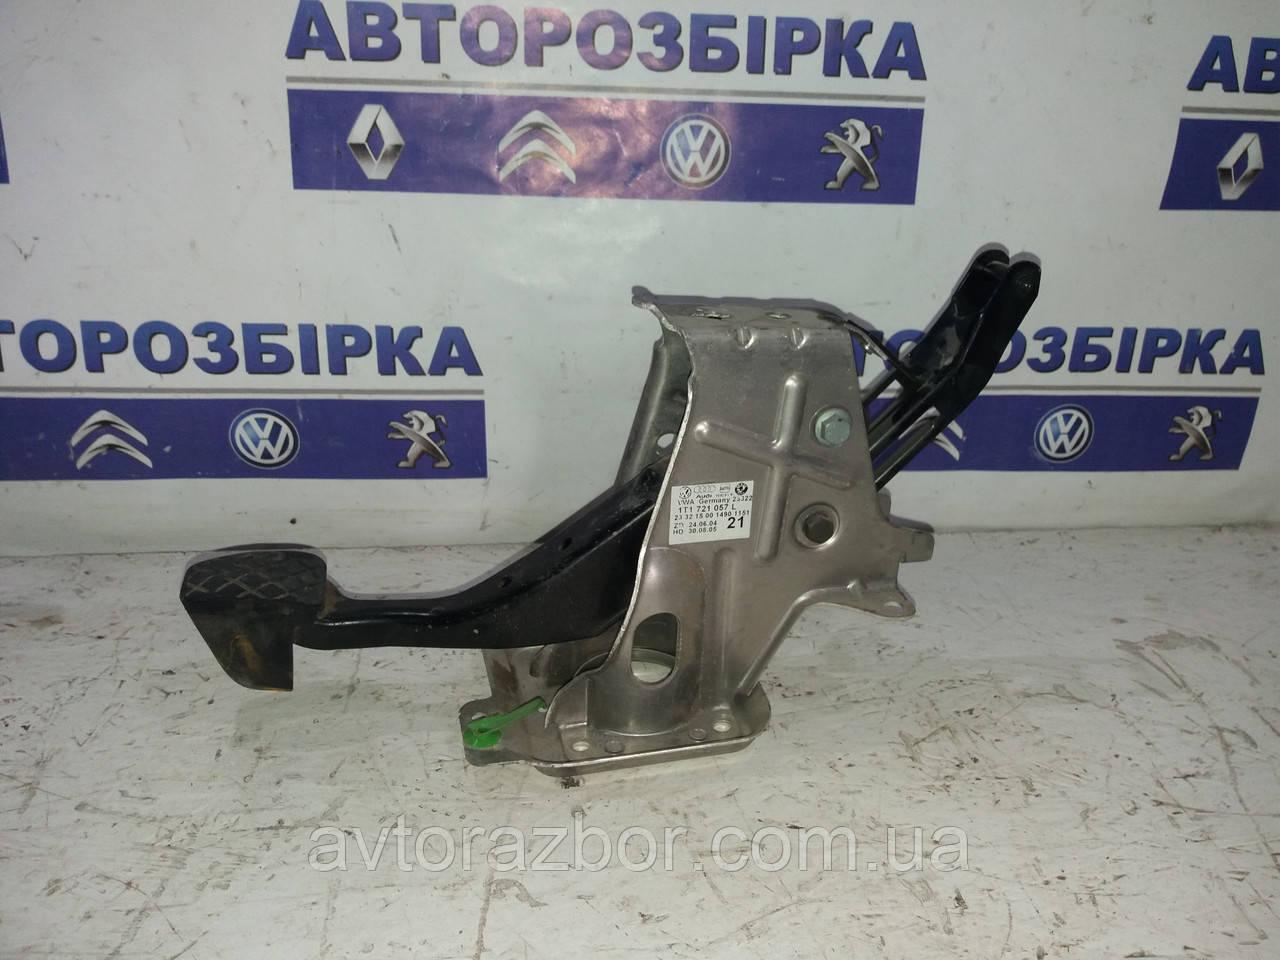 Педаль тормоза Volkswagen Caddy 04-09 Фольксваген Кадди кадді